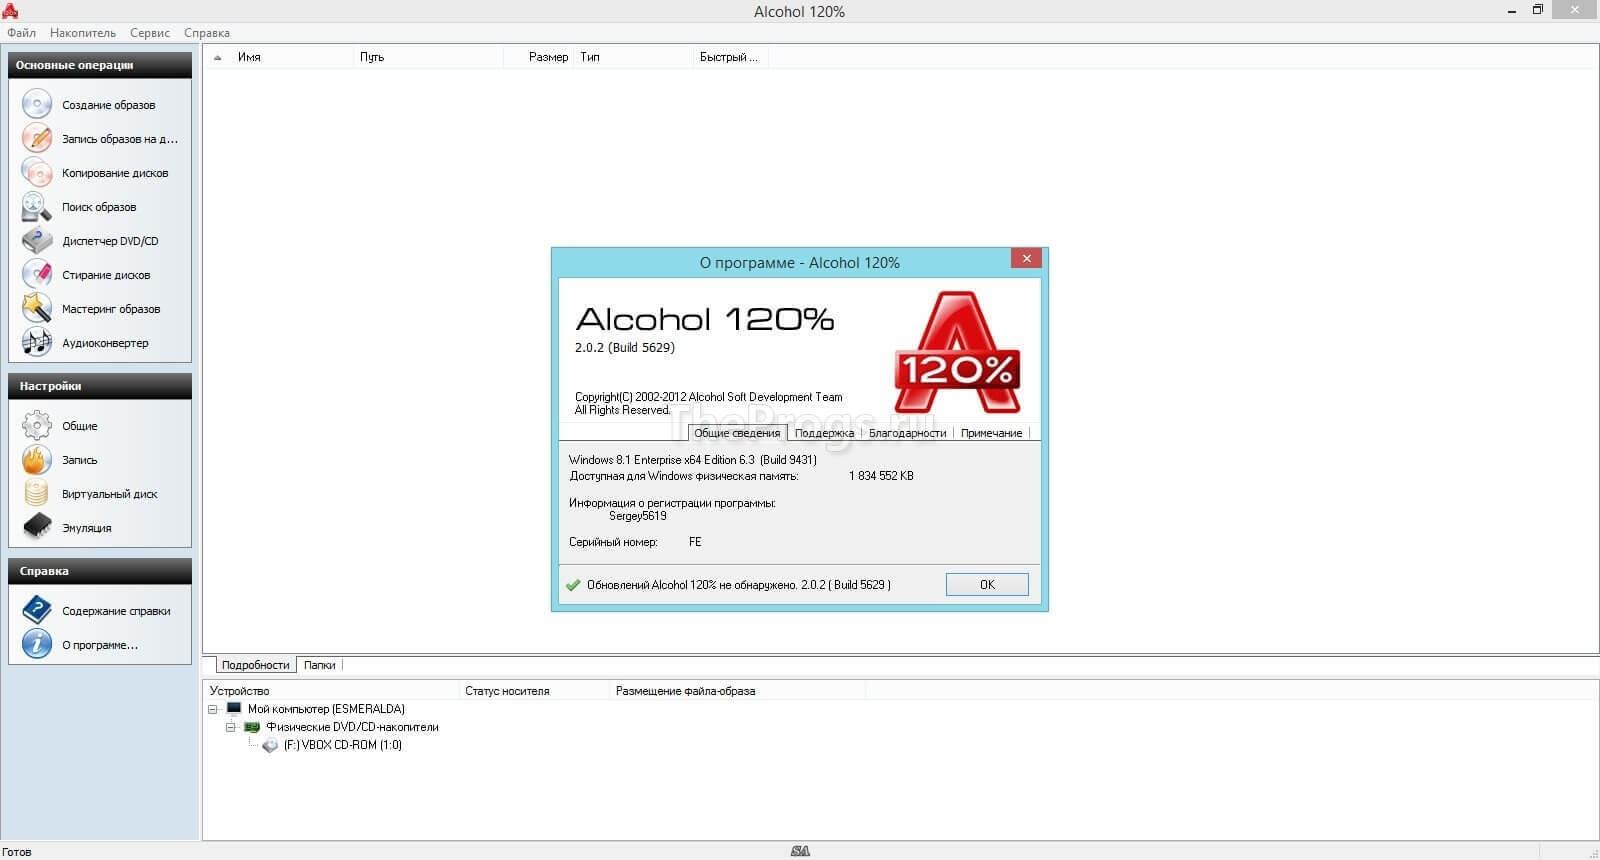 Alcohol 120% скриншот (фото)